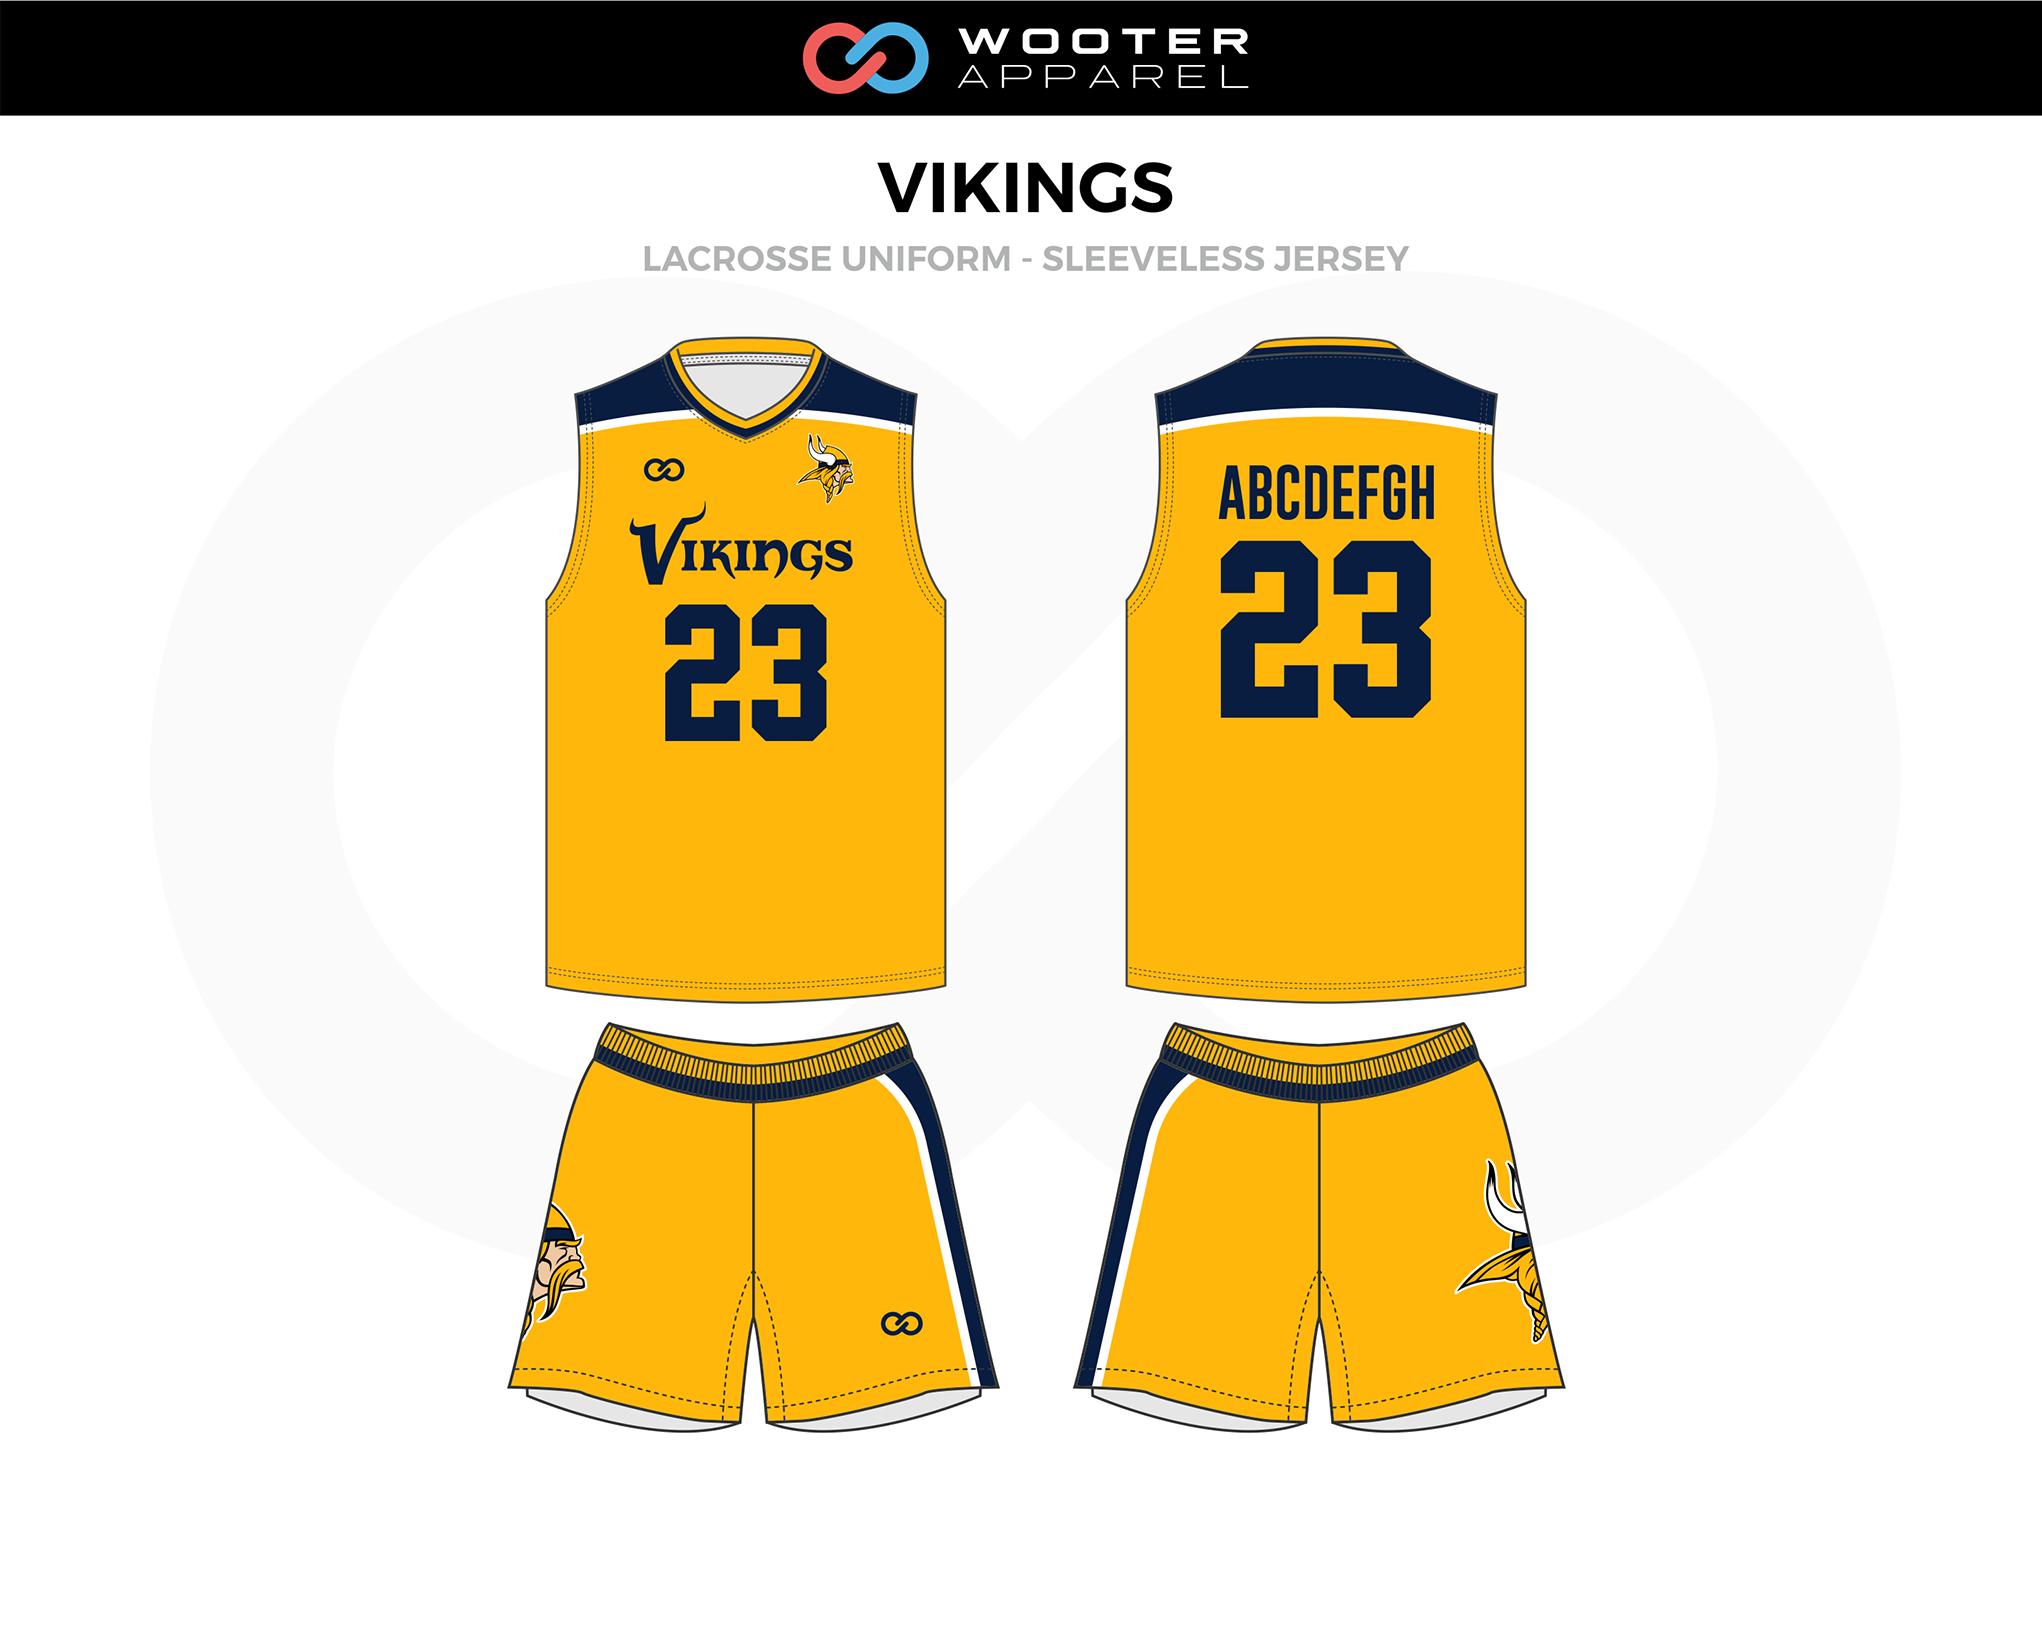 06_Vikings Lacrosse.png